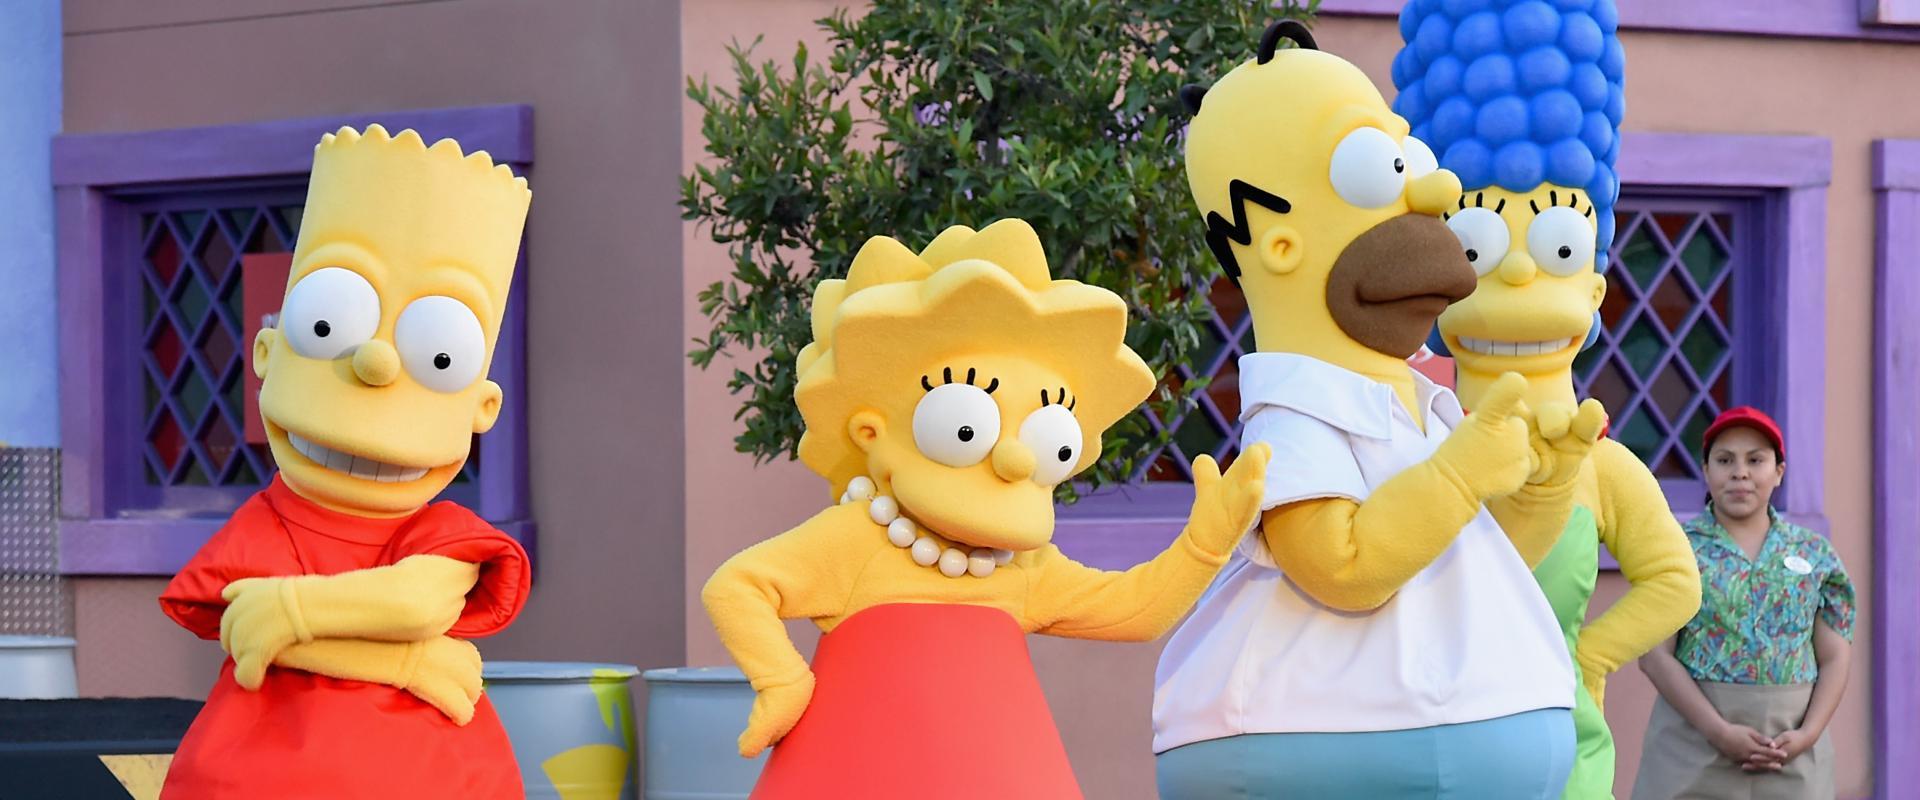 10 događaja koje su predvidjeli Simpsoni: Od 11. rujna do rata u Siriji